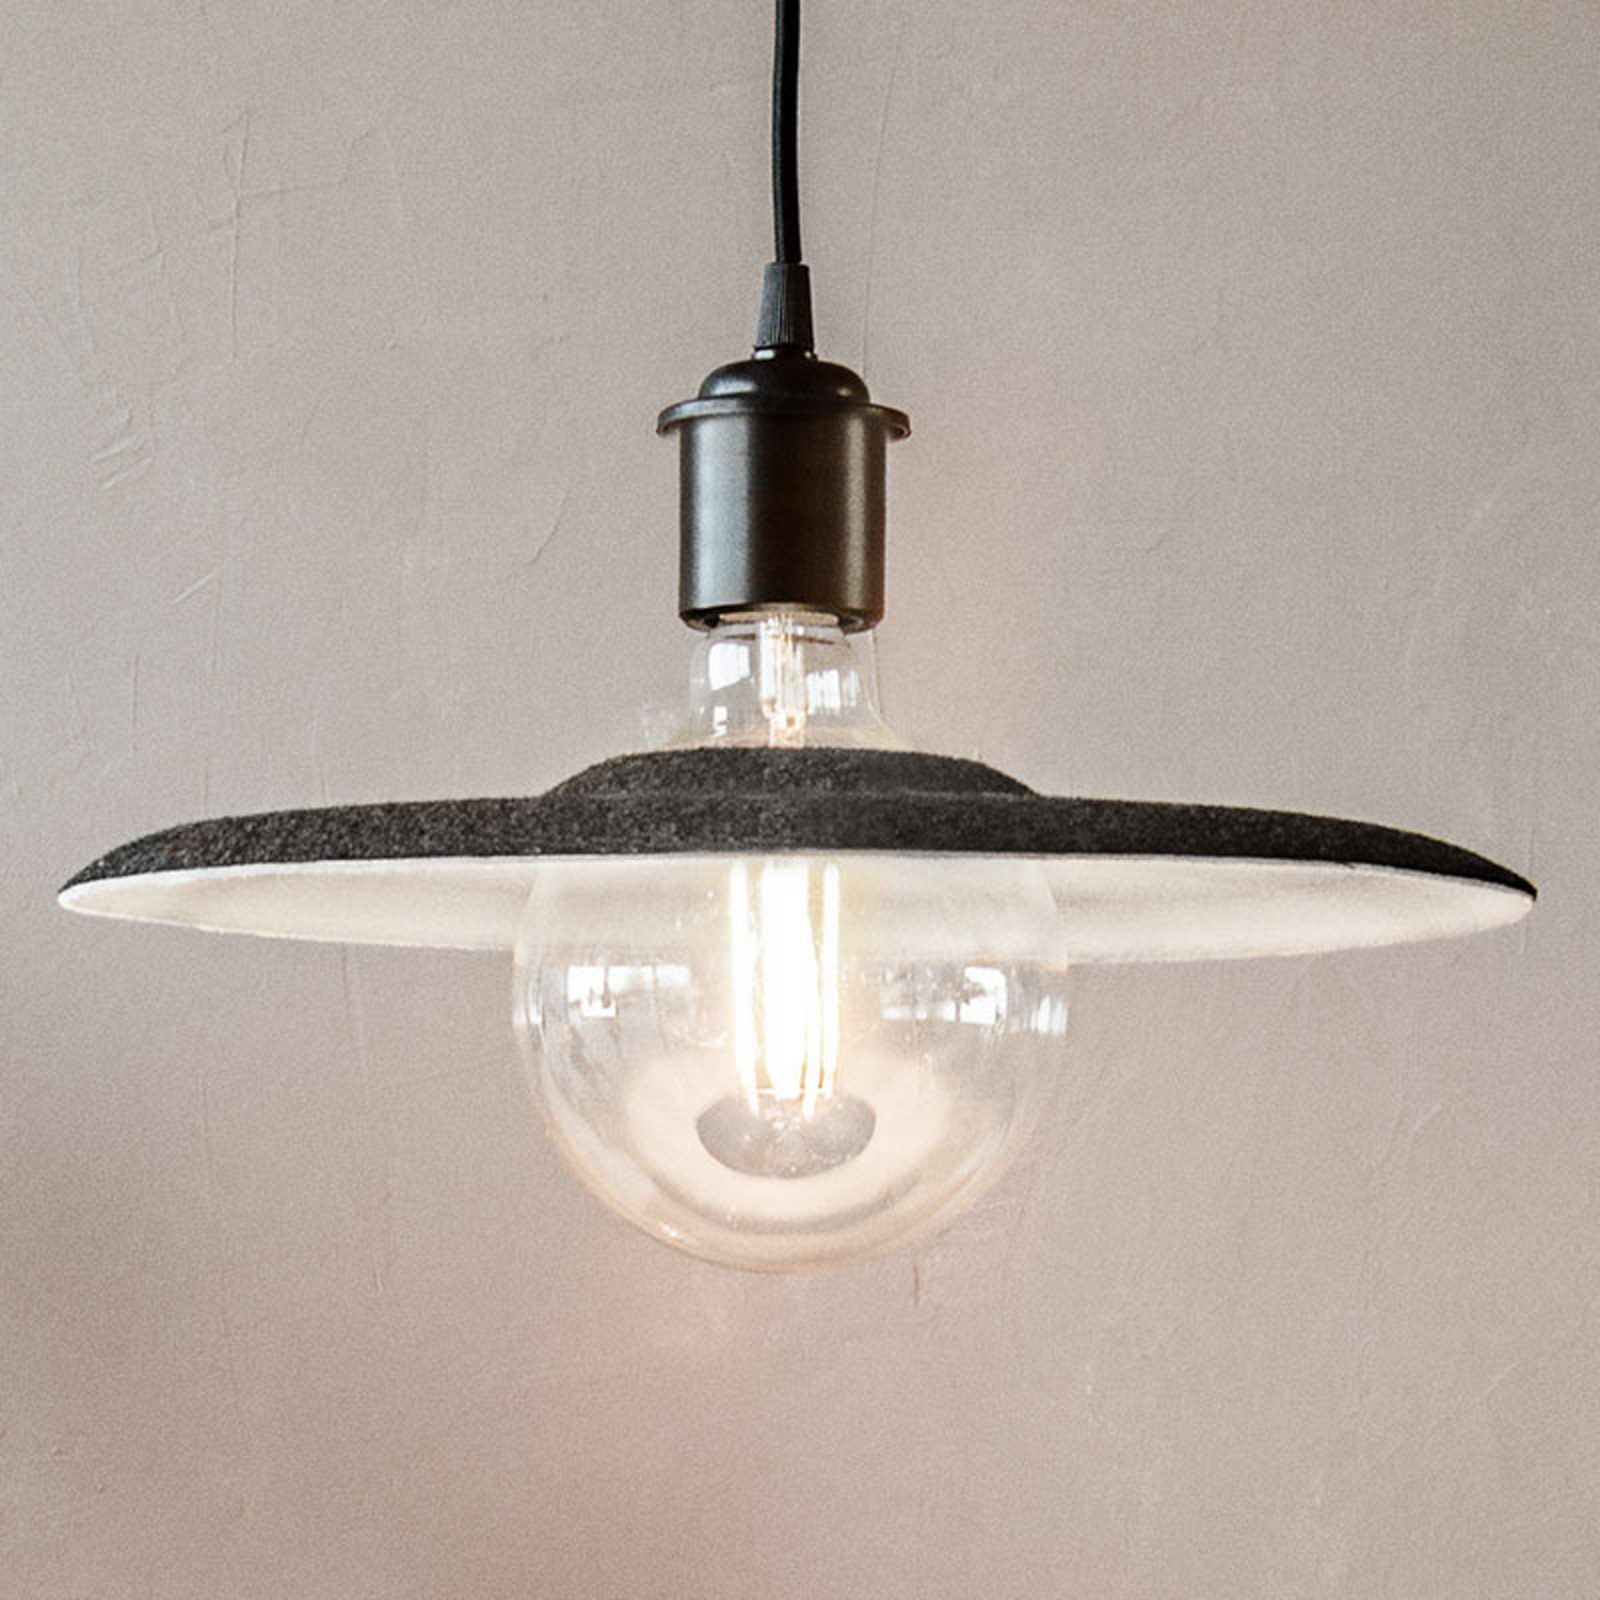 UMAGE Shade lampa wisząca czarna, filcowy klosz